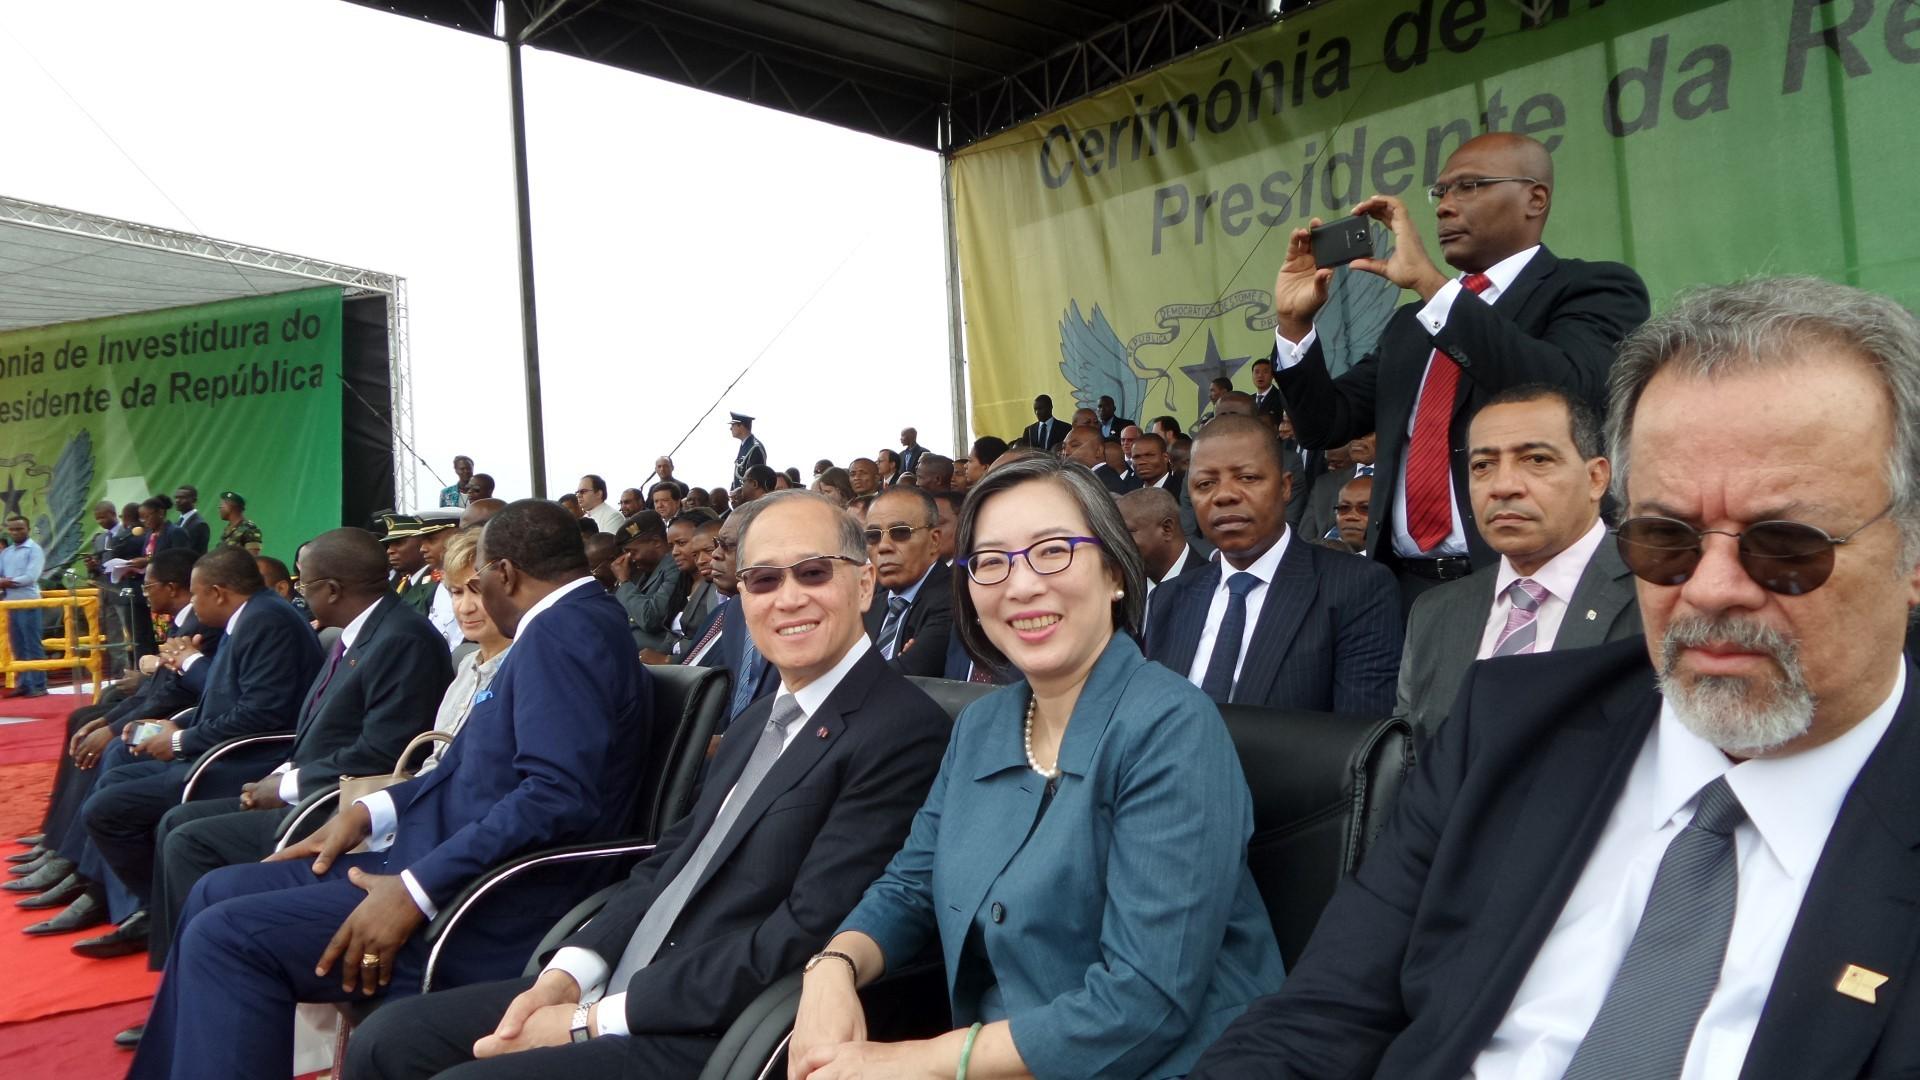 外交部李部長大維2016年9月3日以蔡英文總統特使身分出訪聖多美普林西比,參加該國新總統卡瓦留(Evaristo Carvalho)就職典禮(外交部)